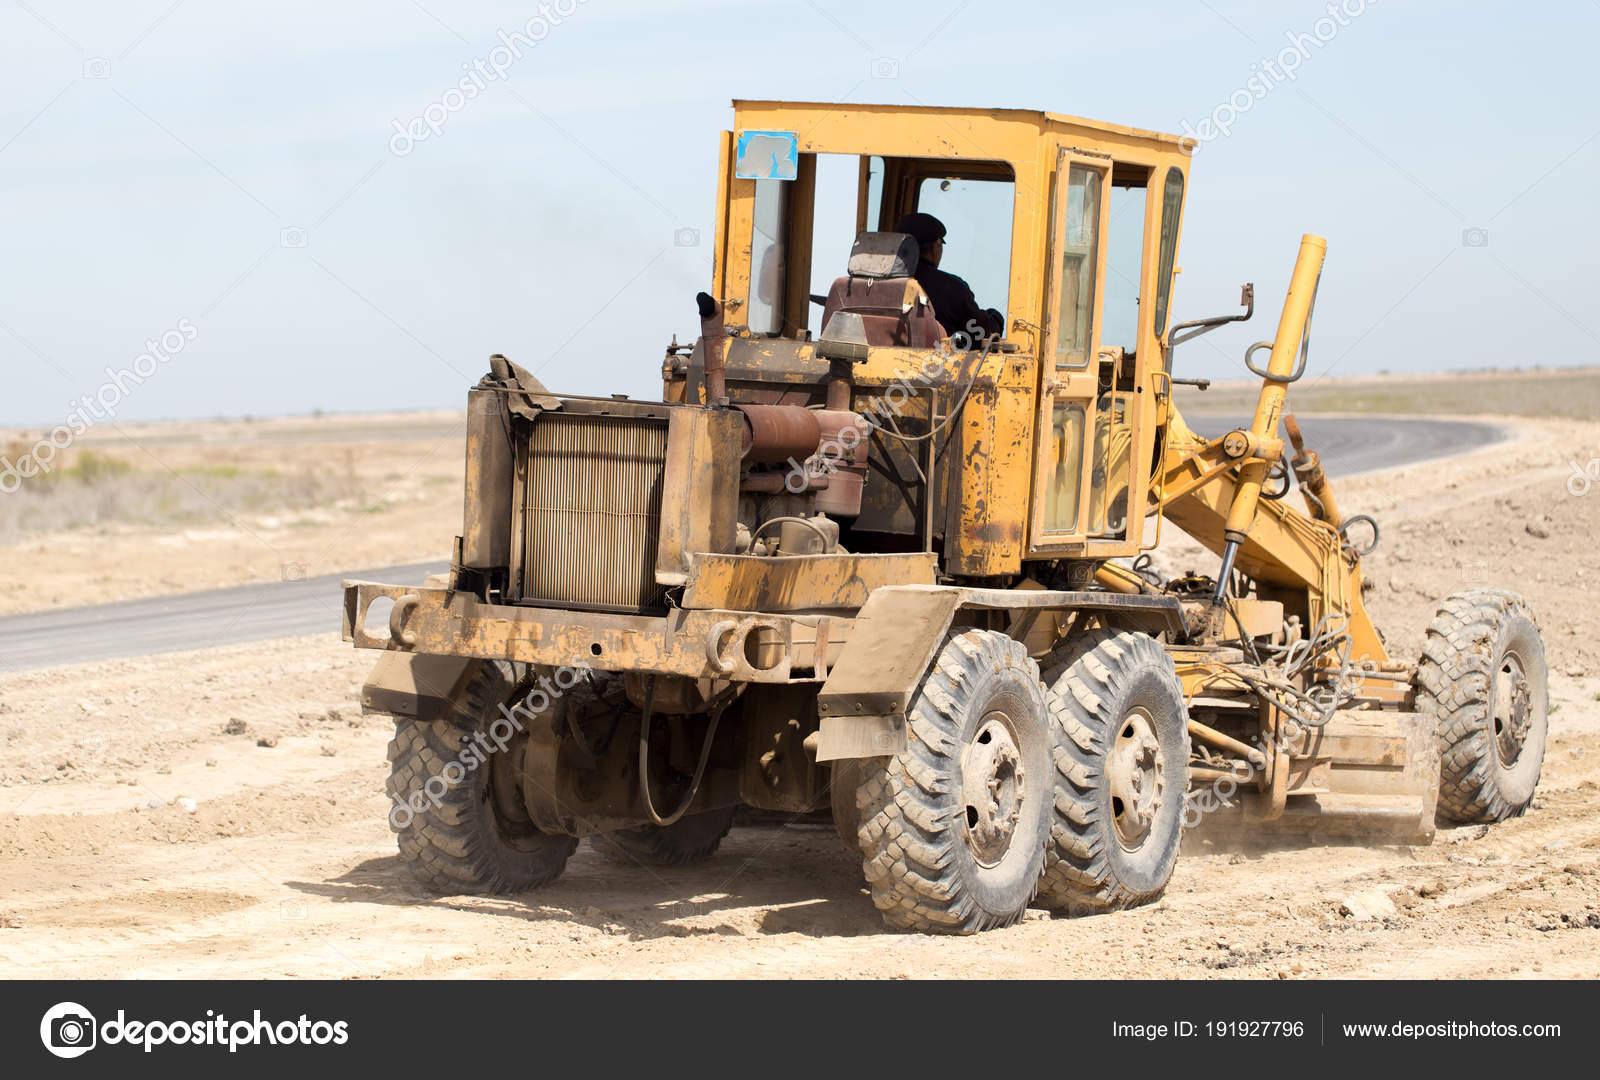 Trattore per livellare il terreno per la strada foto for Livellare terreno